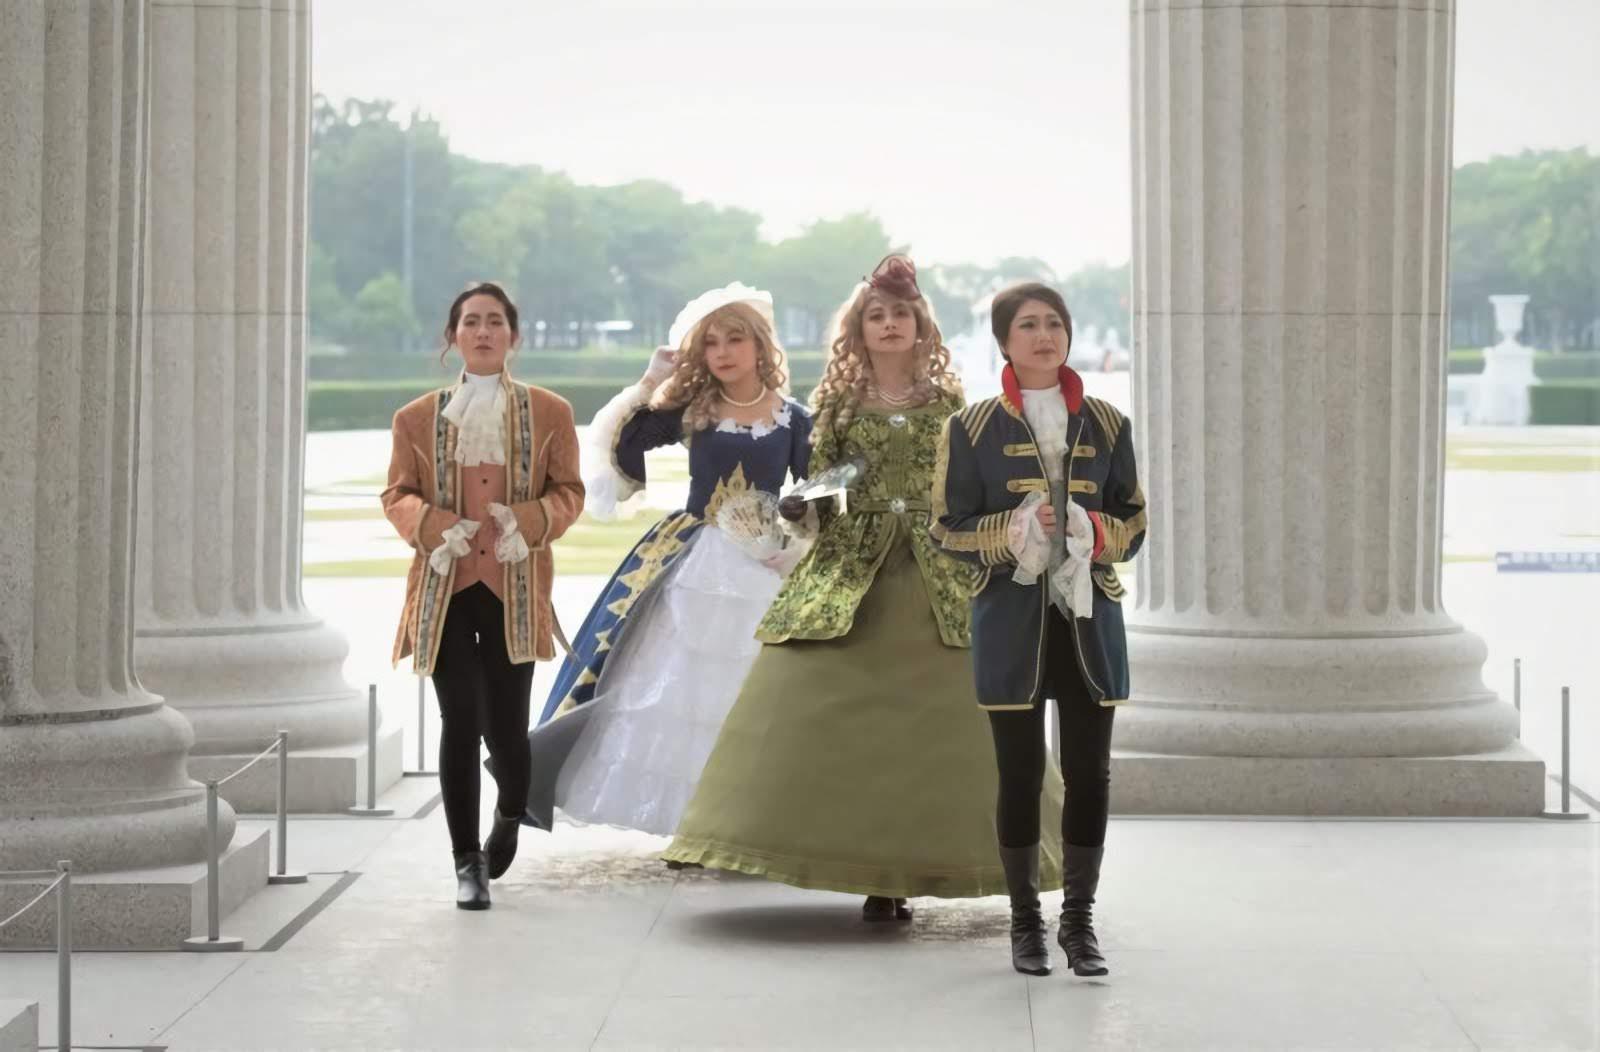 [活動] 2019奇美博物館「聖誕週末趴」又來囉! 以「化裝舞會」為主題邀您大玩造型、面具秀、熱情共舞